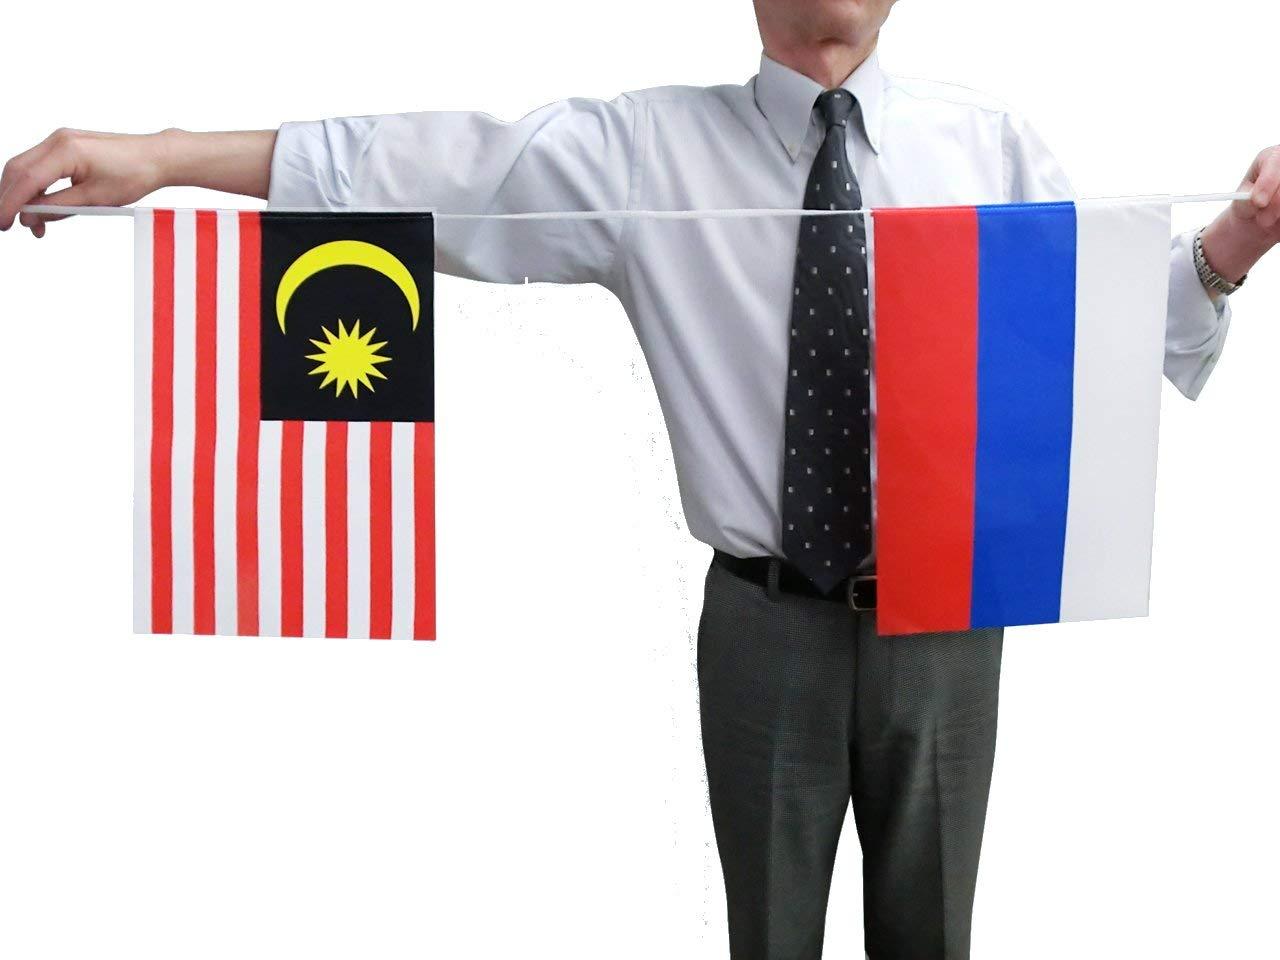 テトロン製・万国連続旗20カ国・15m[S判・25×37.5cm]あす楽対応・安心の日本製